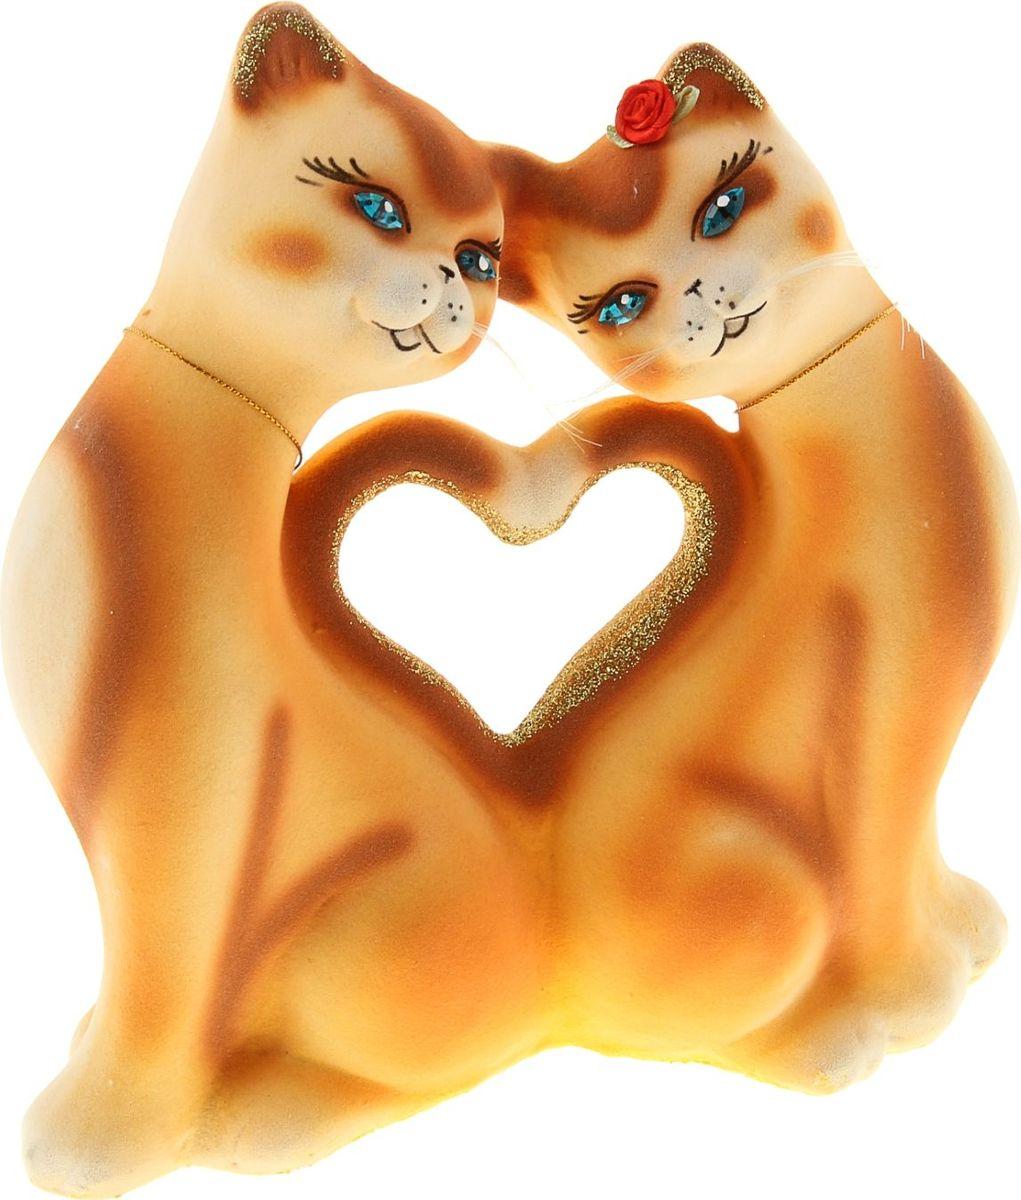 Копилка Керамика ручной работы Кошки, 10 х 25 х 20 см1004048Помните, как порой бывают необходимы не очень большие средства на какое-то нужное и важное дело, но они отсутствуют? Забудьте. В тот момент у вас не было копилки, которая помогла бы в сбережении денег.Изделие в виде котов поспособствует изгнанию злых духов из дома и защищает от сглаза. Кот символизирует домашний уют, тепло семейных отношений, психологический и эмоциональный комфорт.Обращаем ваше внимание, что копилка является одноразовой.